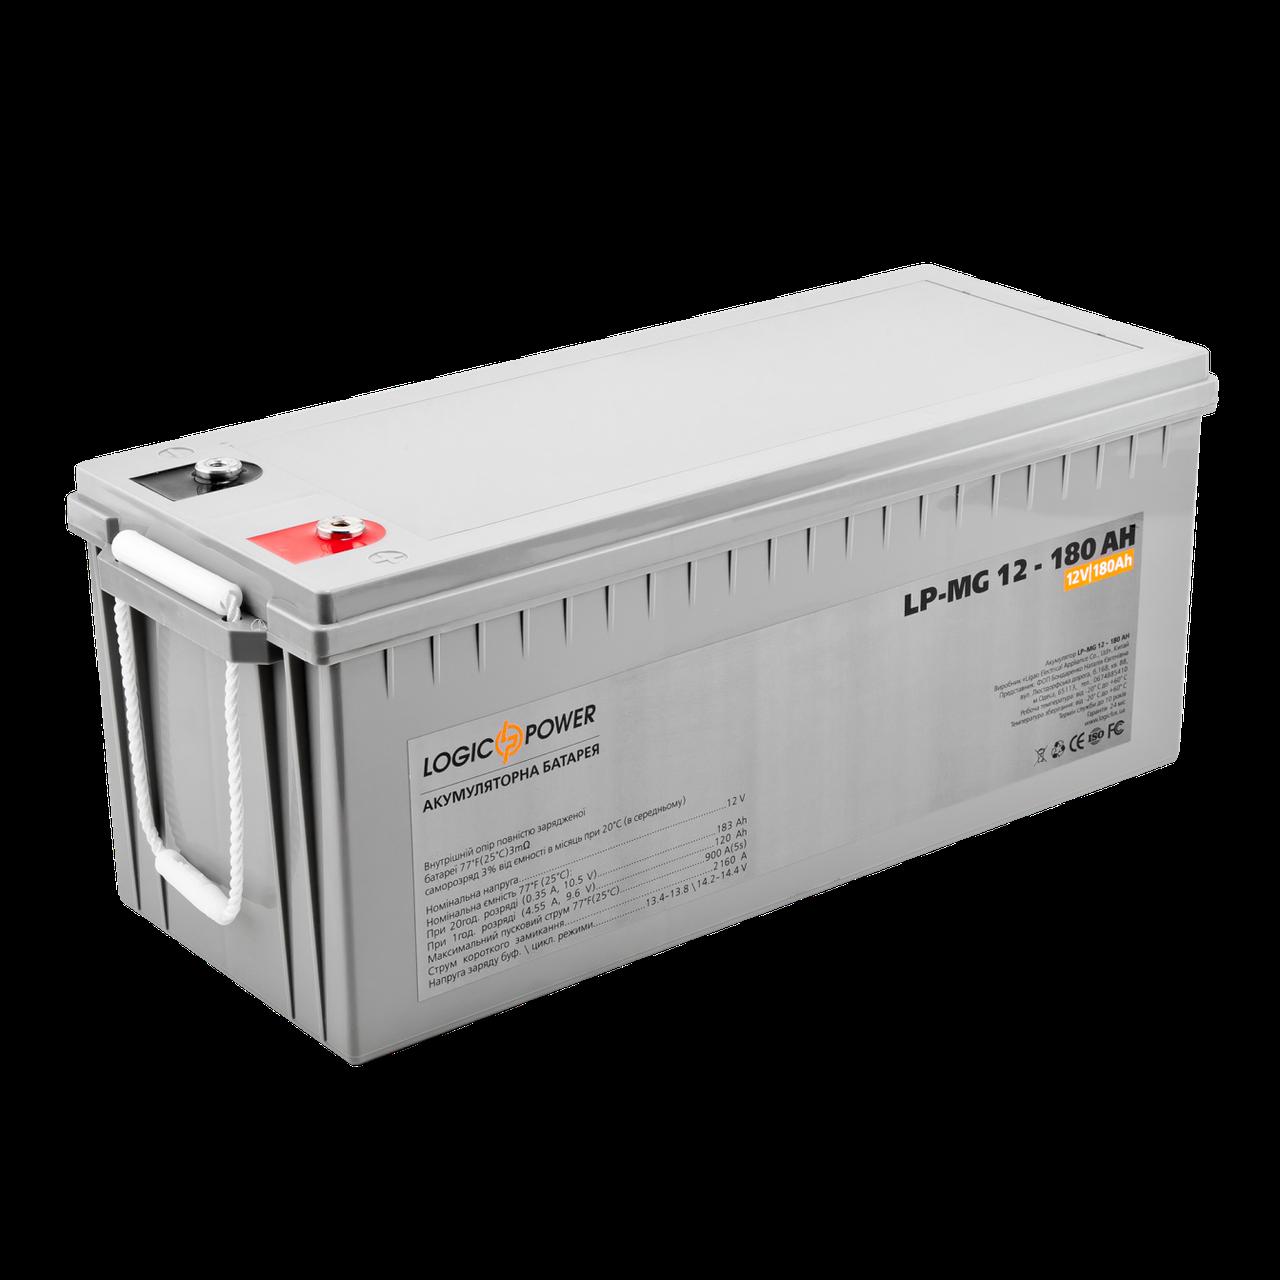 Аккумулятор мультигелевый AGM LogicPower LP-MG 12 - 180 AH